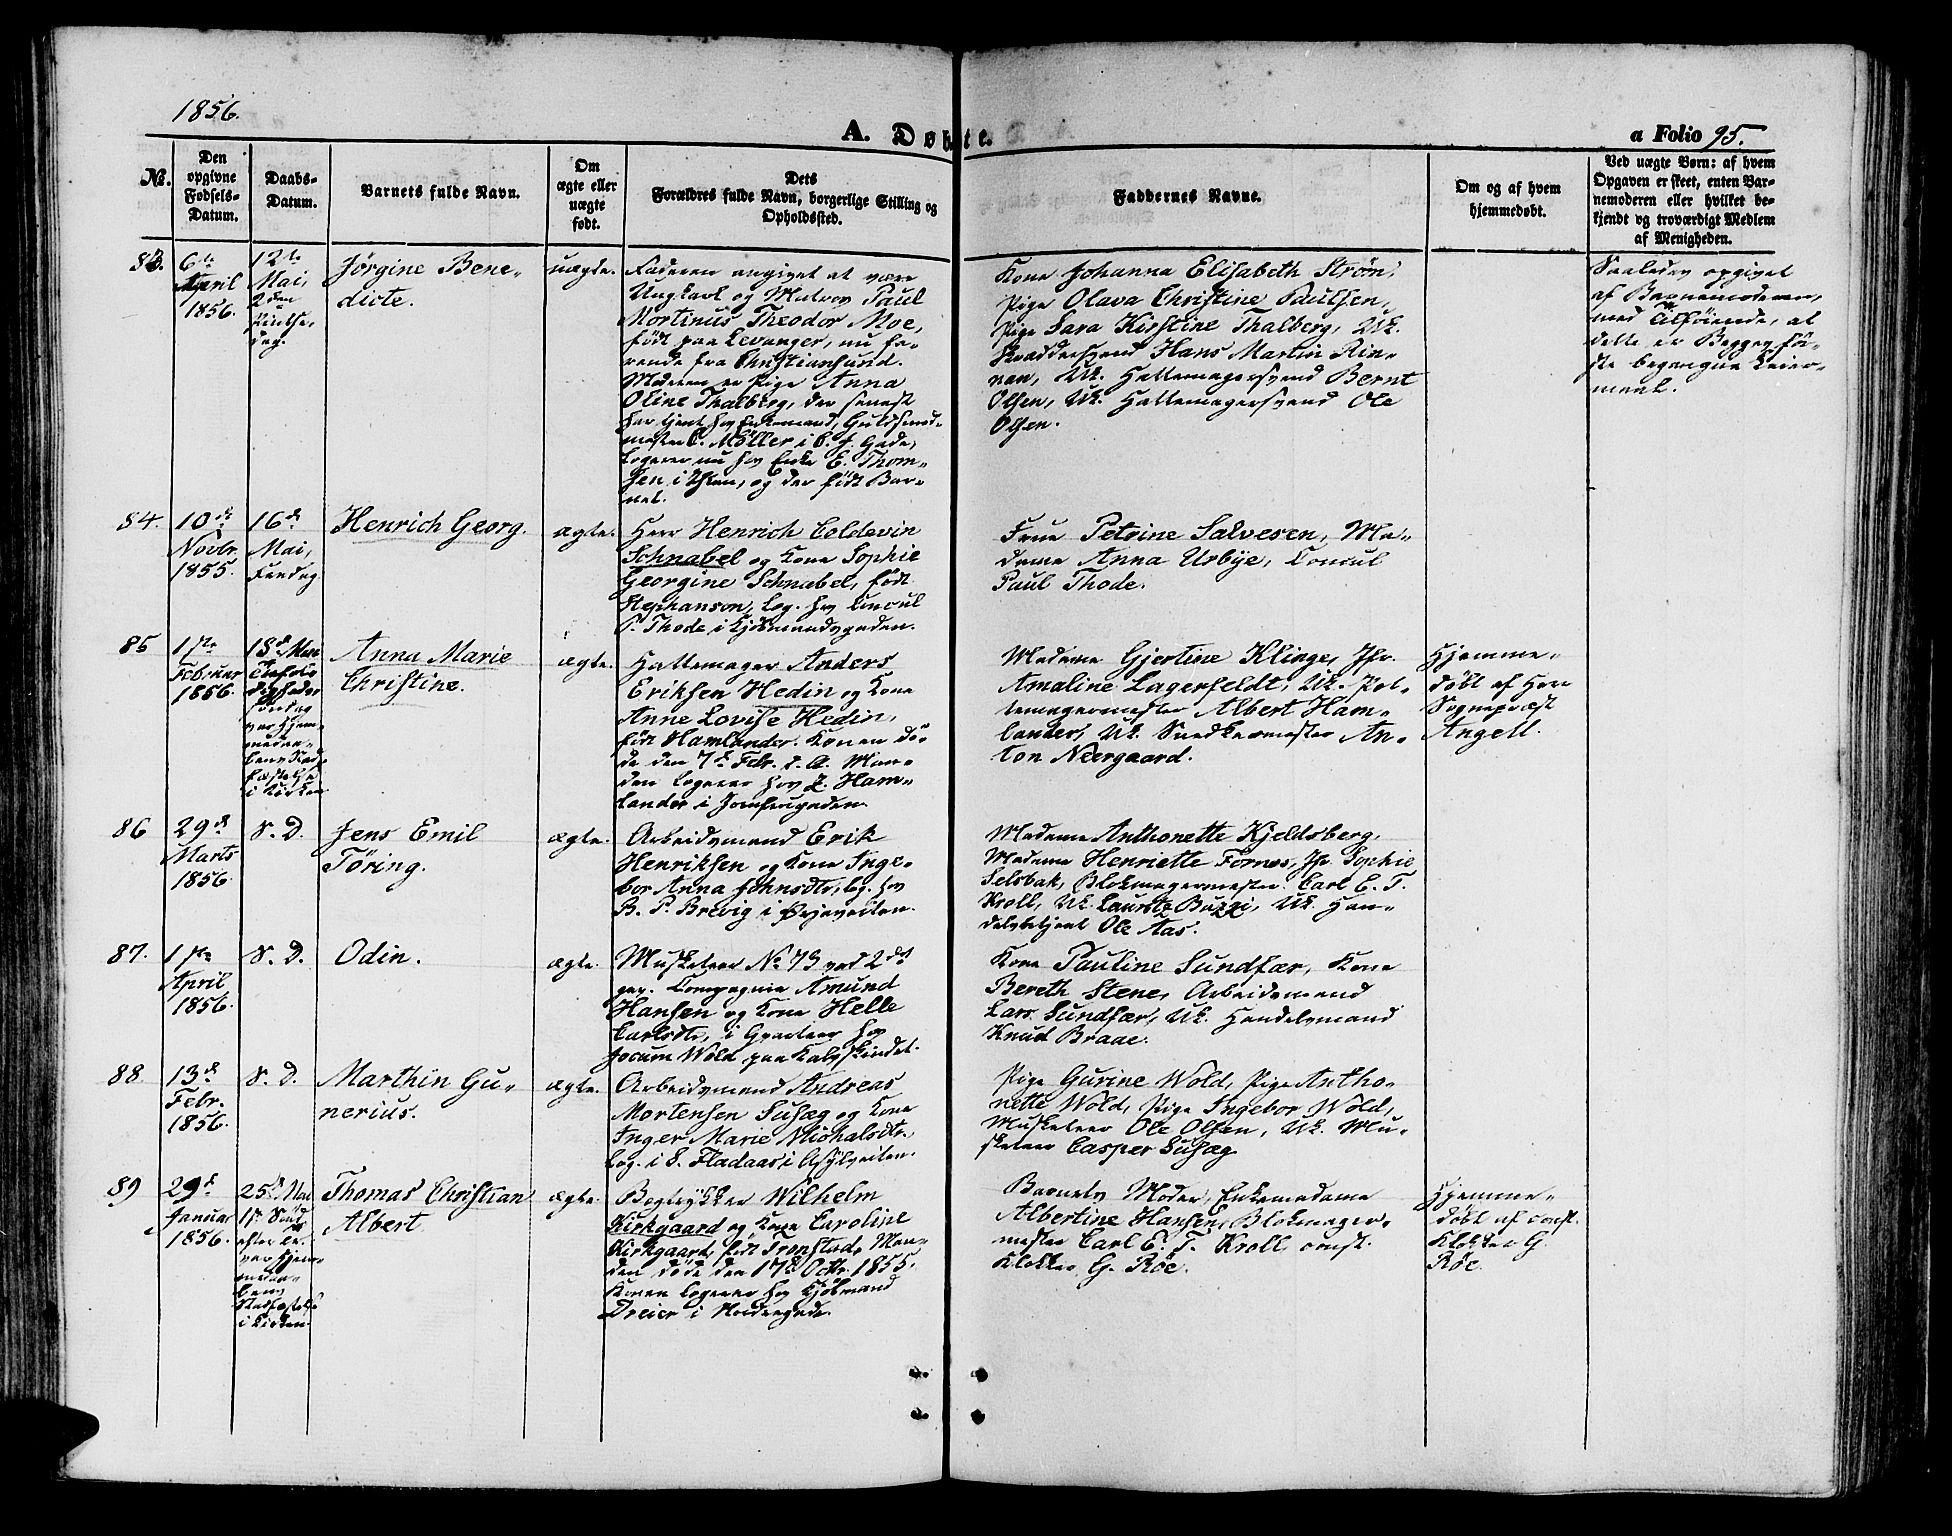 SAT, Ministerialprotokoller, klokkerbøker og fødselsregistre - Sør-Trøndelag, 602/L0138: Klokkerbok nr. 602C06, 1853-1858, s. 95